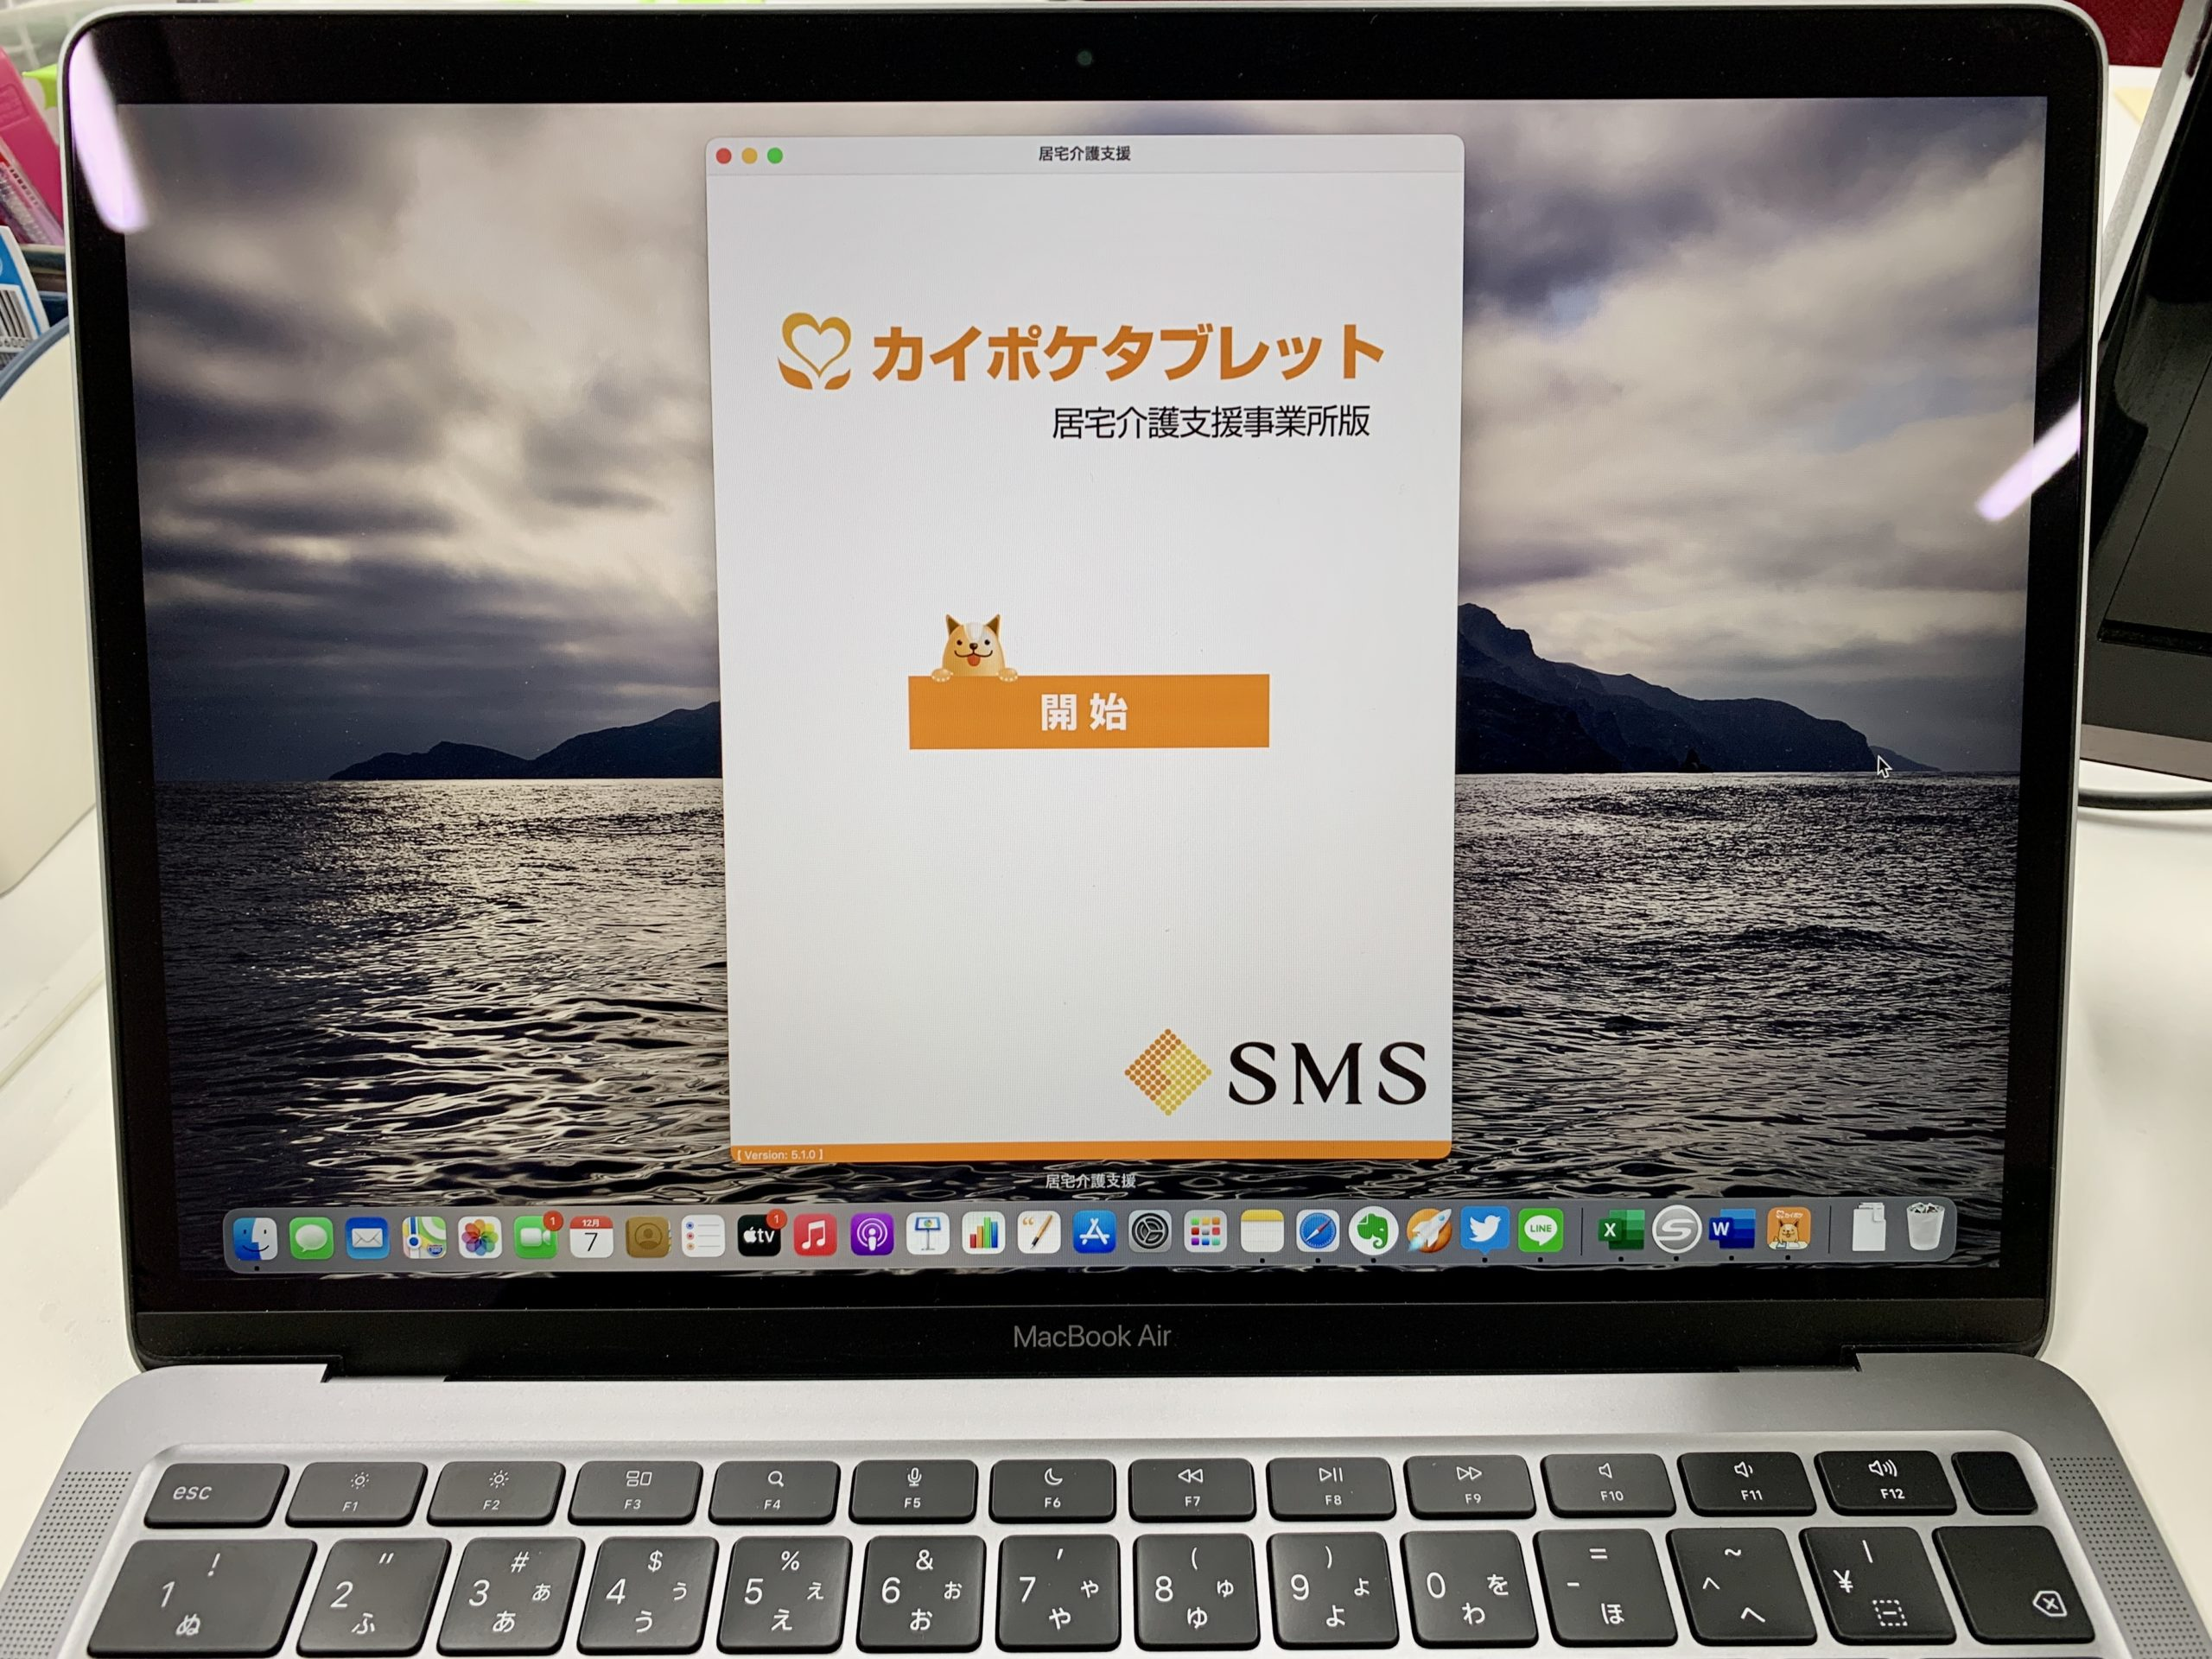 M1チップ搭載MacBook AirでiPadのアプリを使ったら…